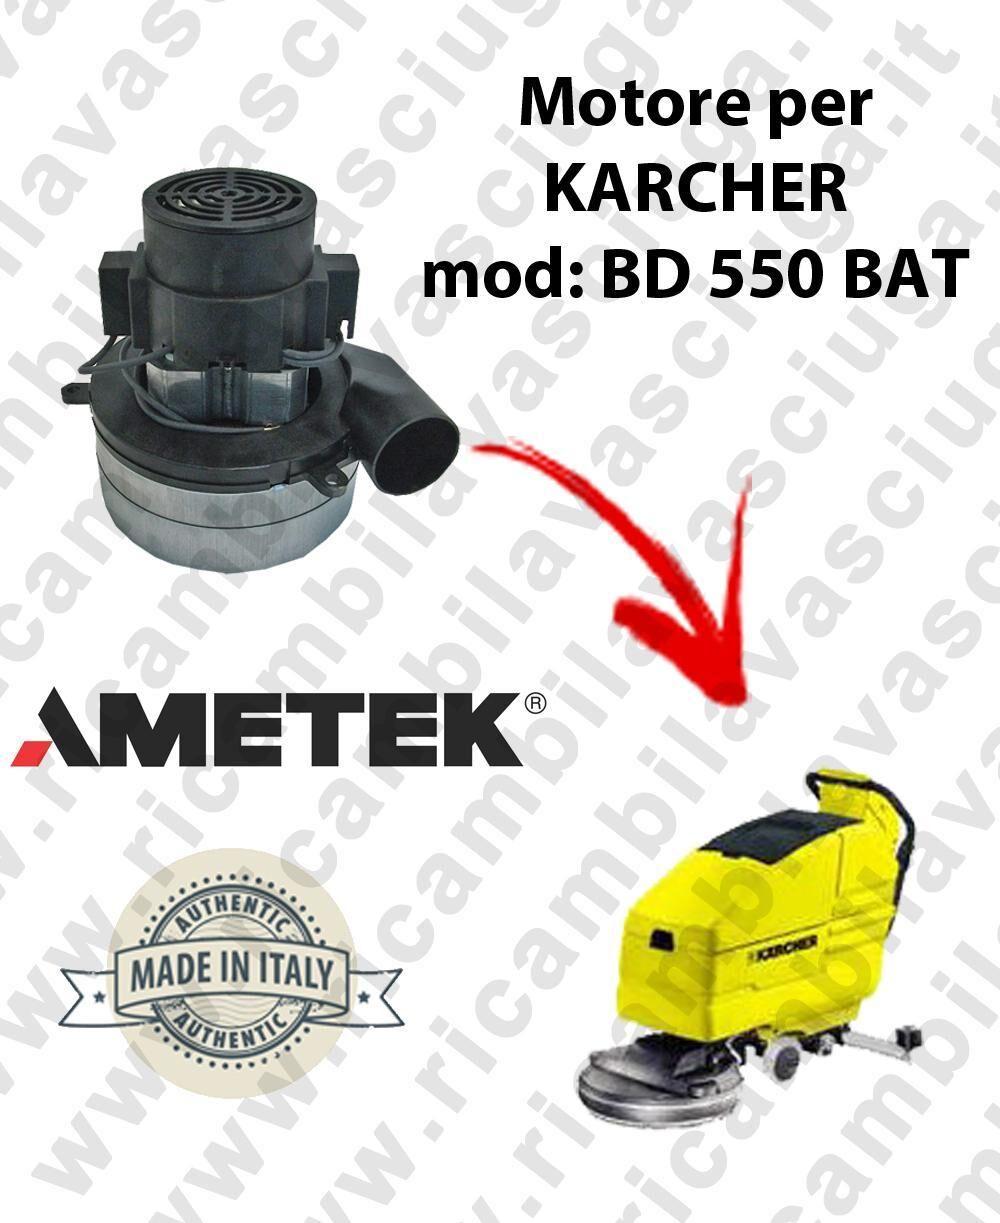 Karcher BD 550 BATT MOTORE AMETEK di aspirazione per lavapavimenti